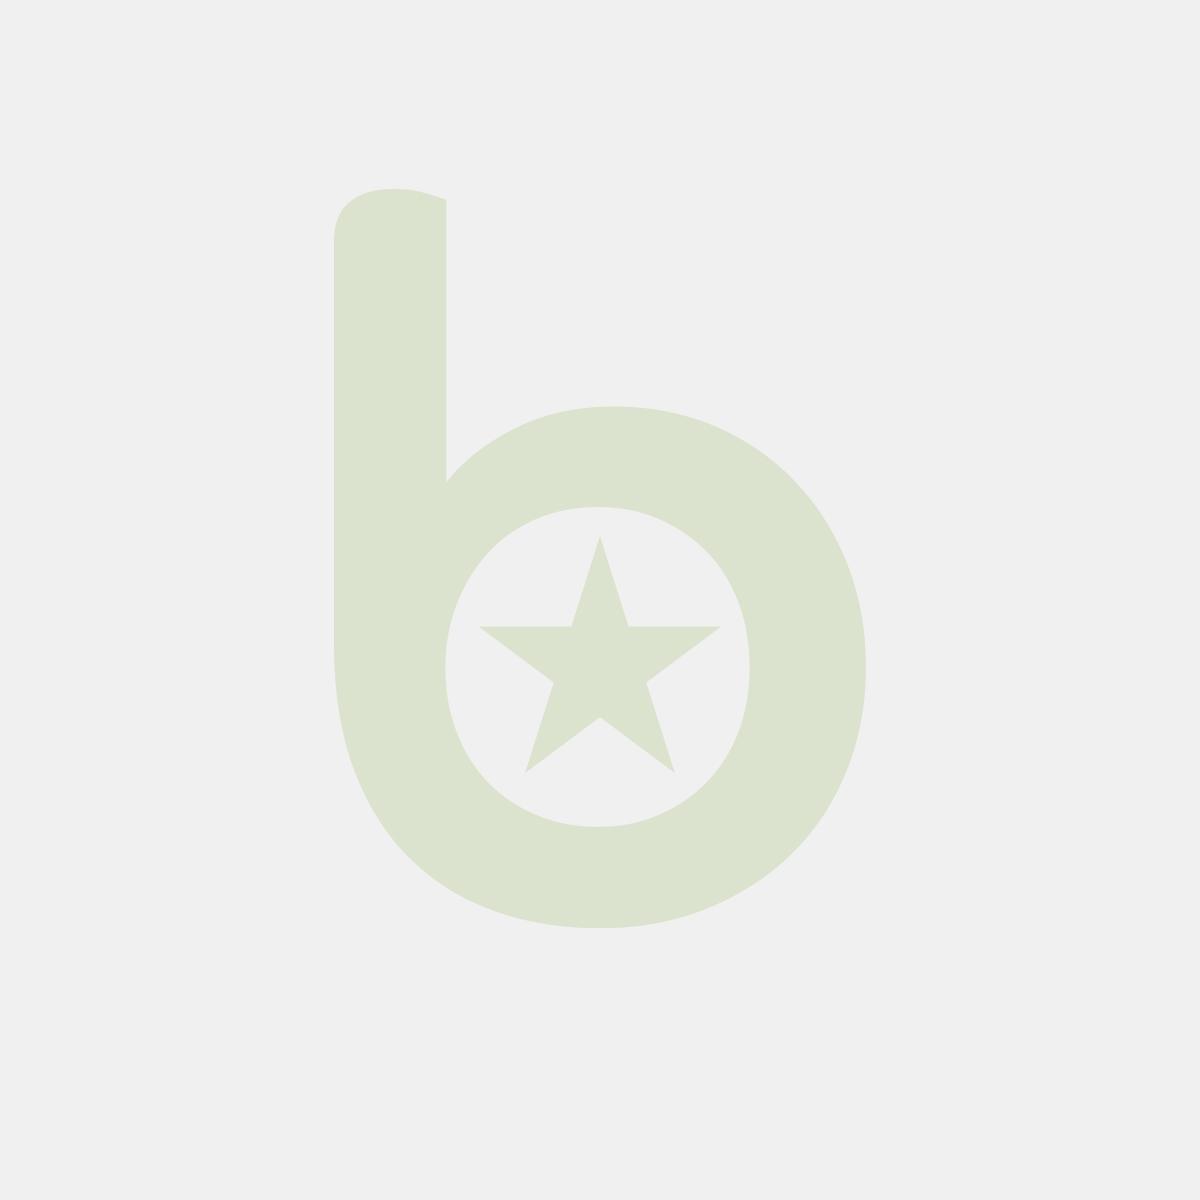 FINGERFOOD - łyżeczka MOZART 10,3x3,8cm transparentna op. 50 sztuk